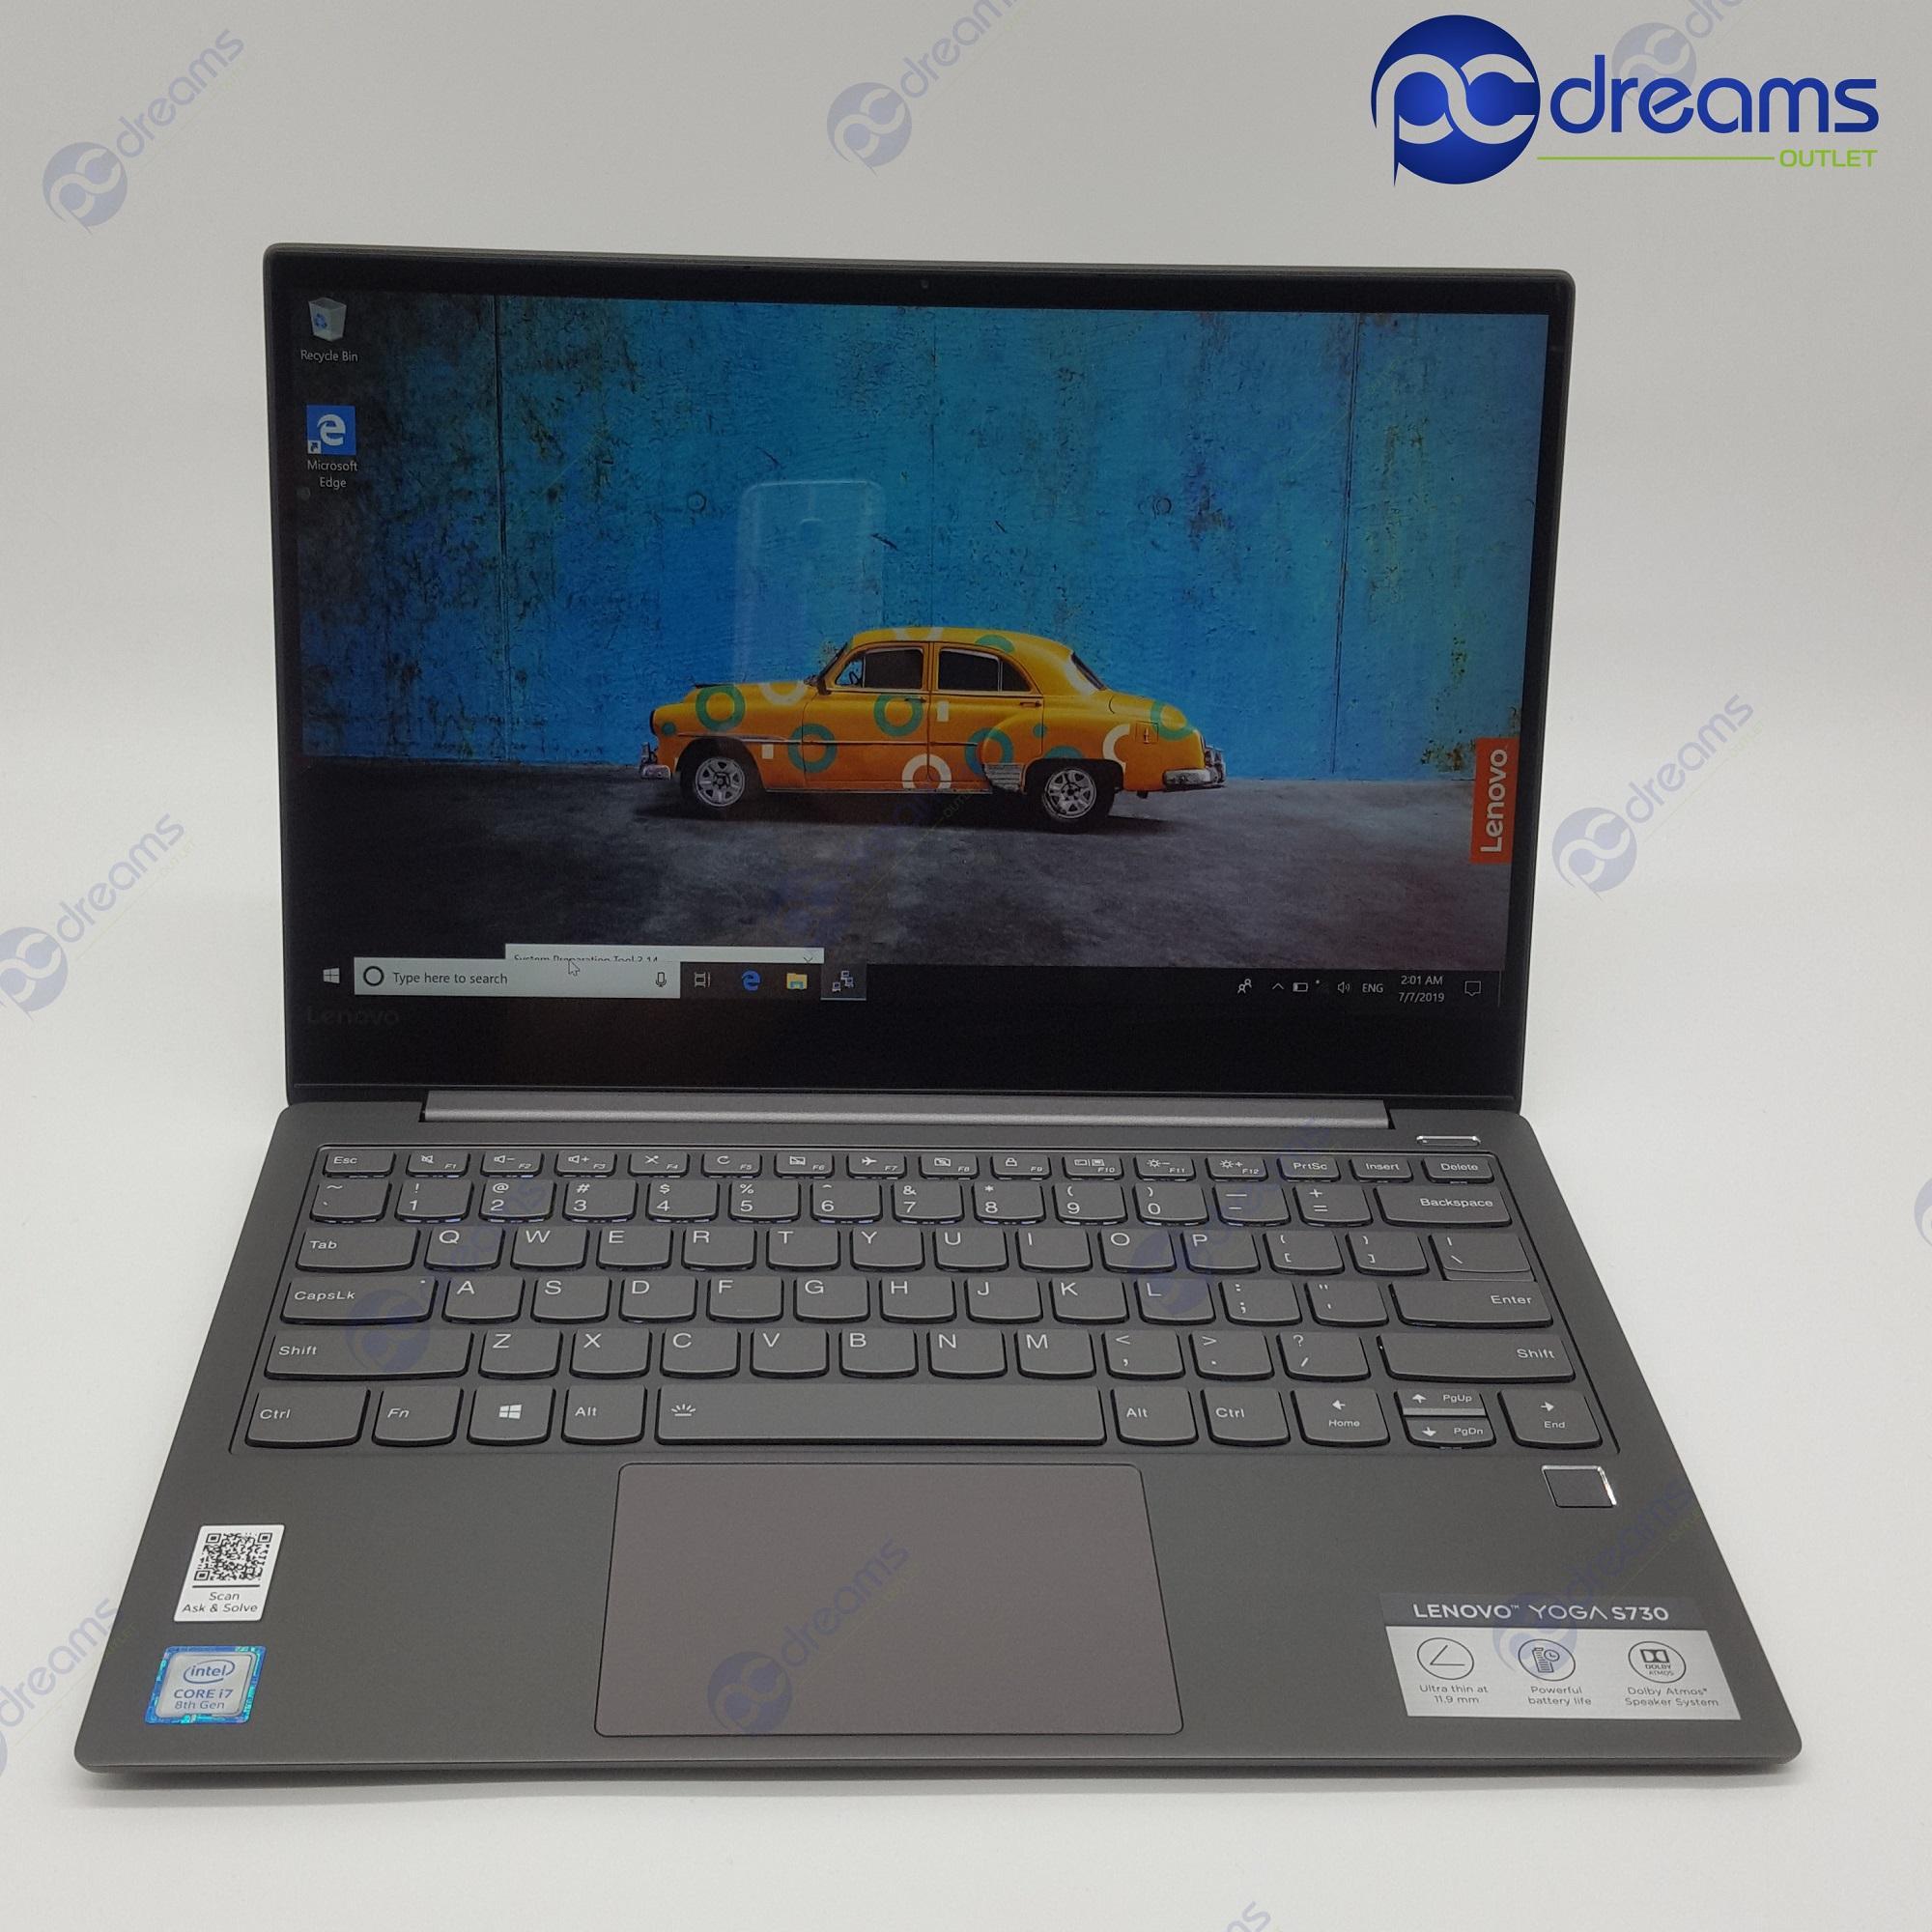 LENOVO YOGA S730-13IWL (81J0000ESB) i7-8565U/16GB/512GB SSD [Premium Refreshed]